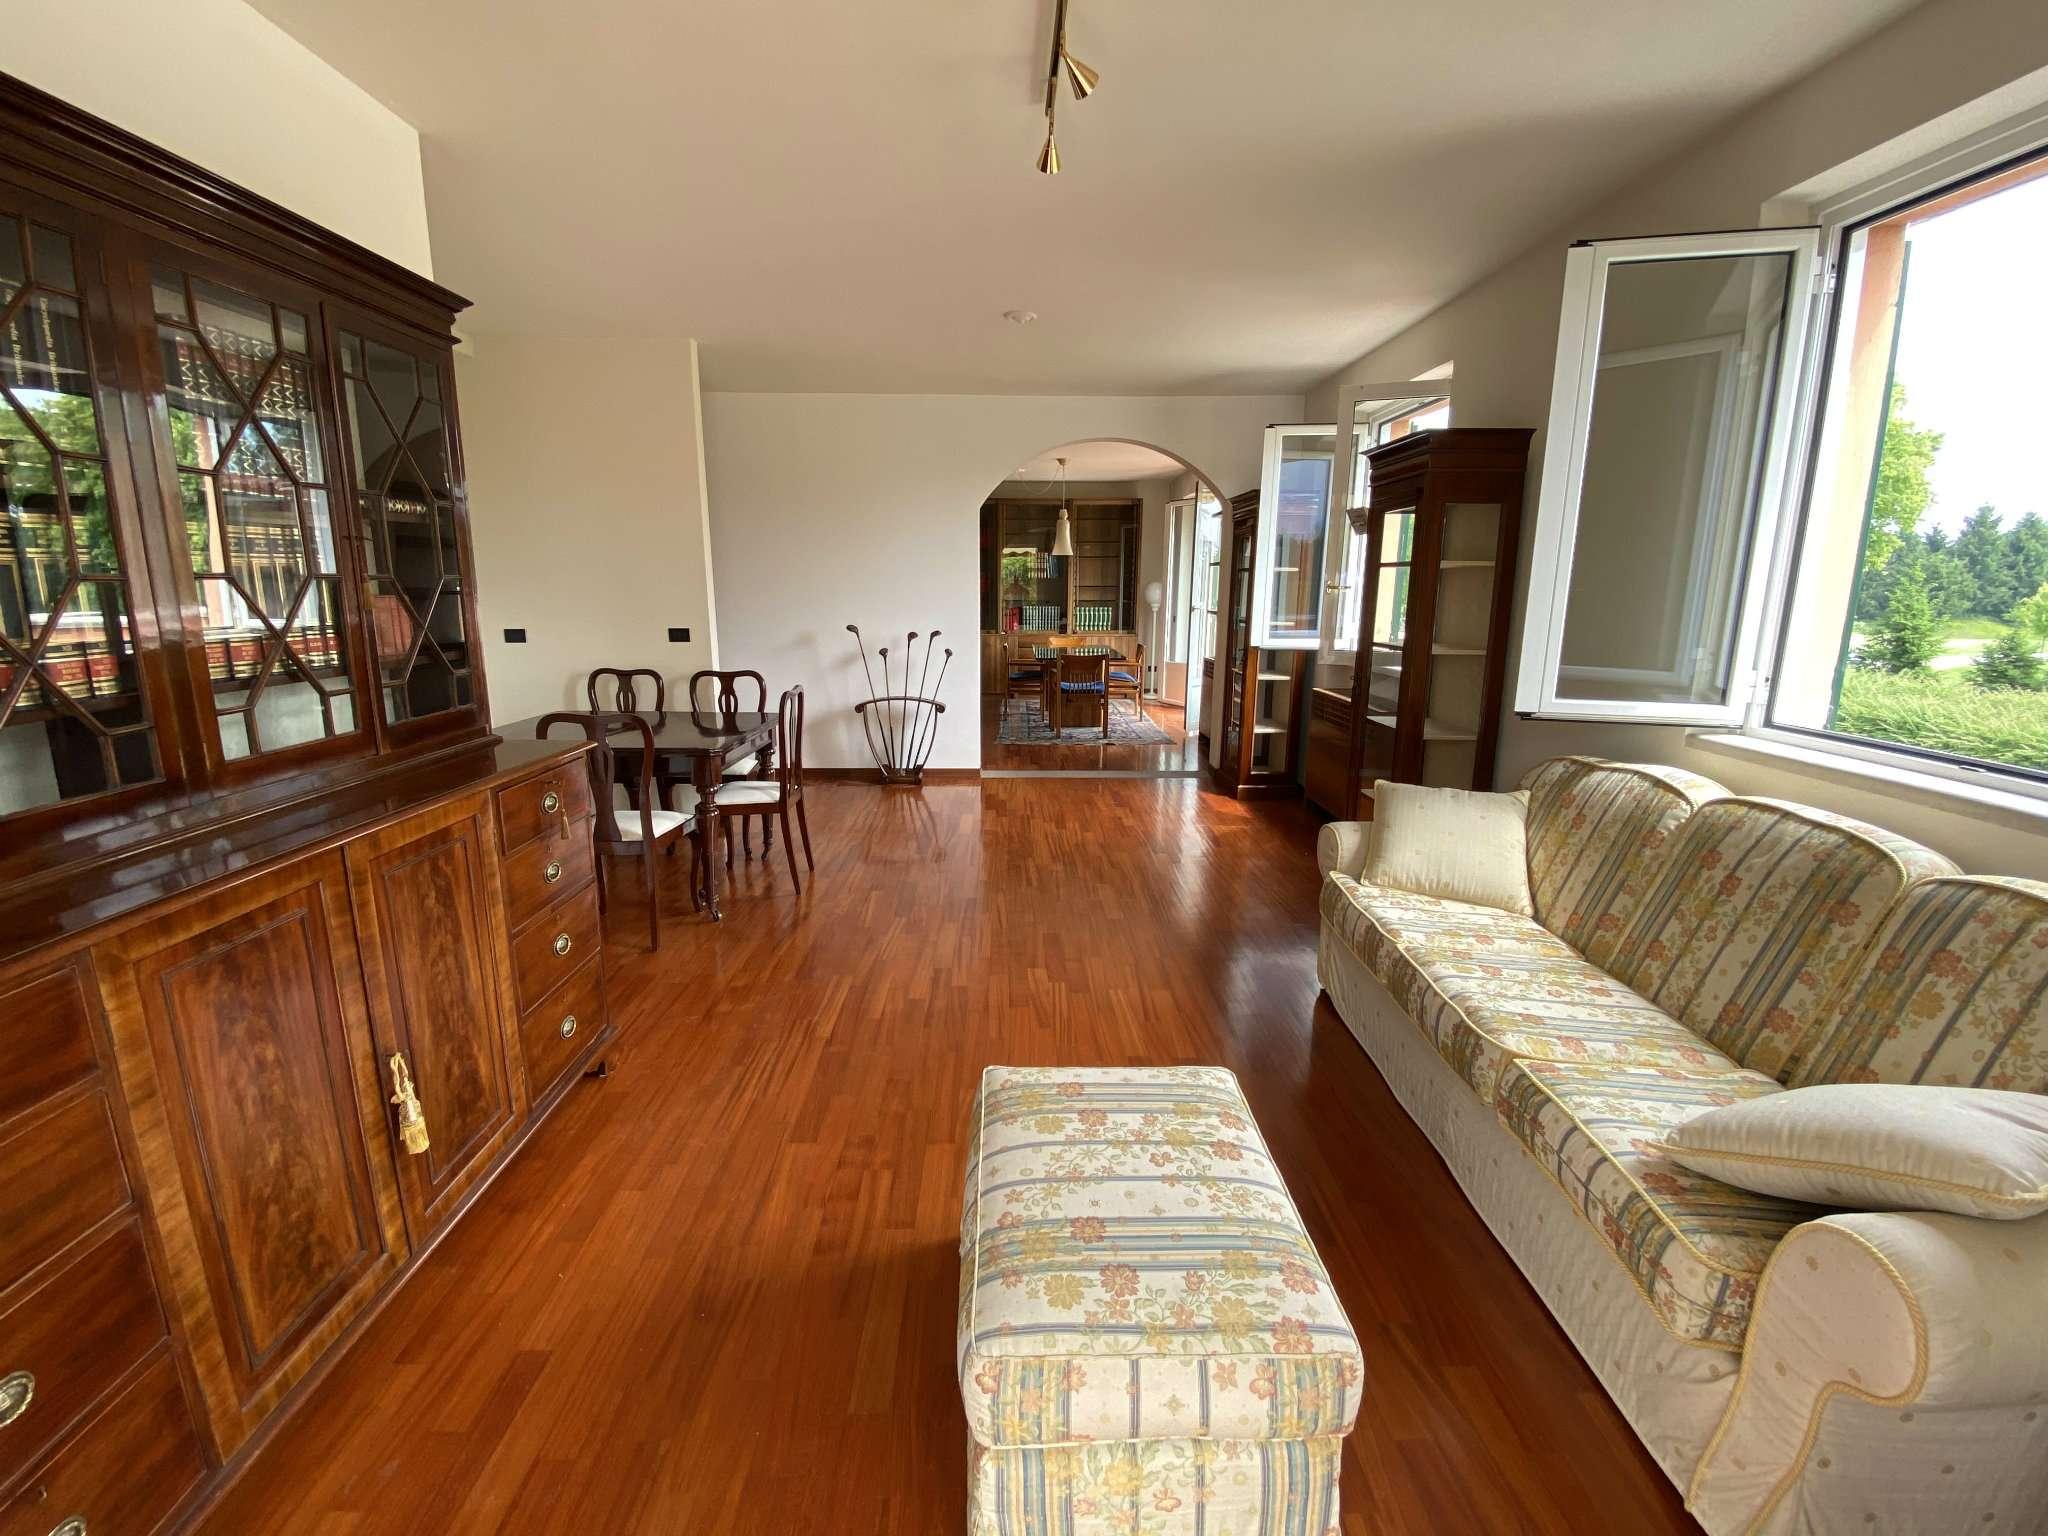 Appartamento in vendita a Solbiate Olona, 4 locali, Trattative riservate | PortaleAgenzieImmobiliari.it